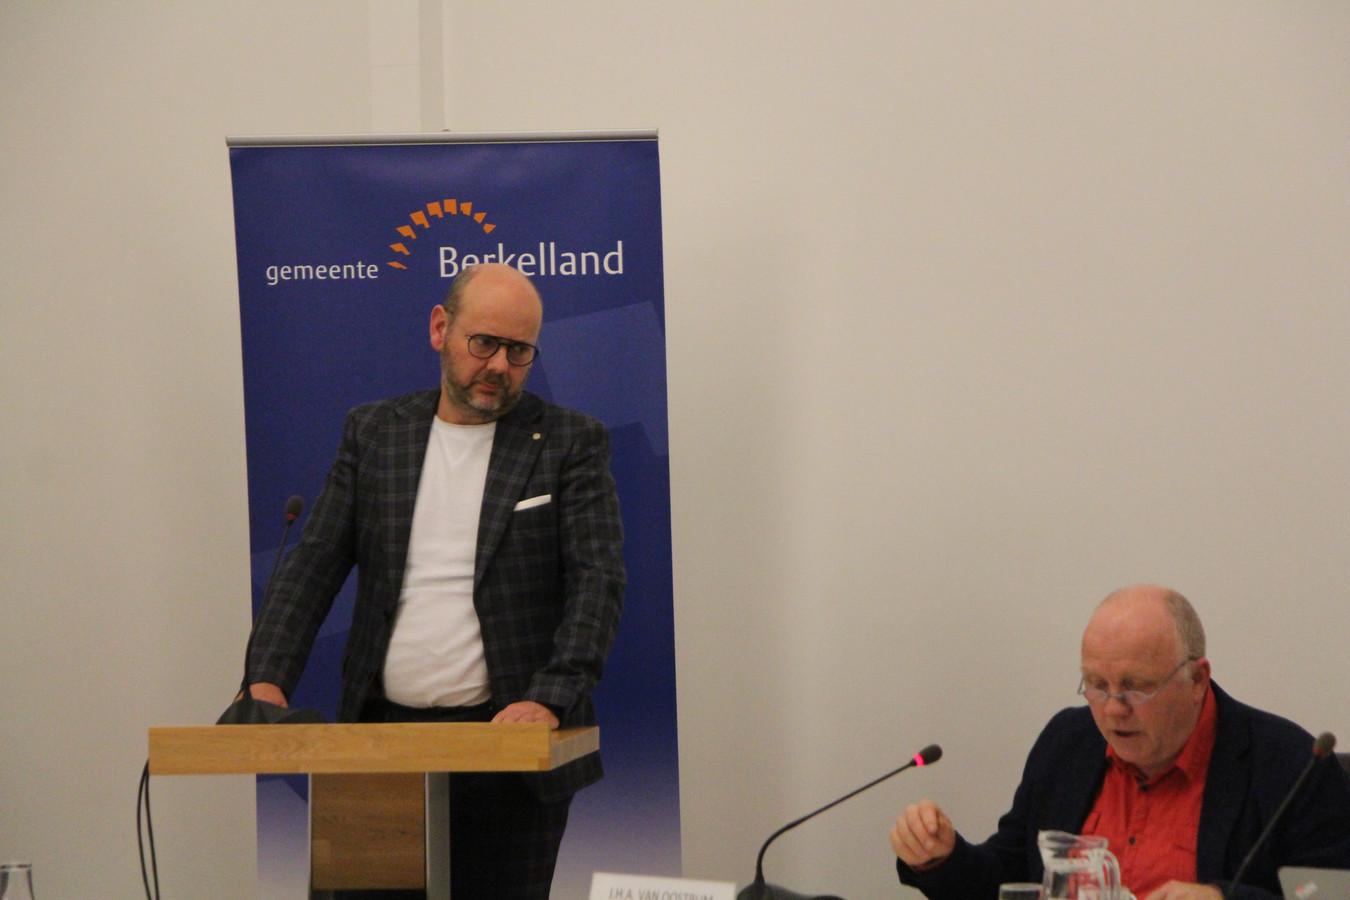 GroenLinks-fractieleider Leo Morren achter de microfoon om de motie van treurnis toe te lichten. Hans Pelle valt in als voorzitter van de gemeenteraad.